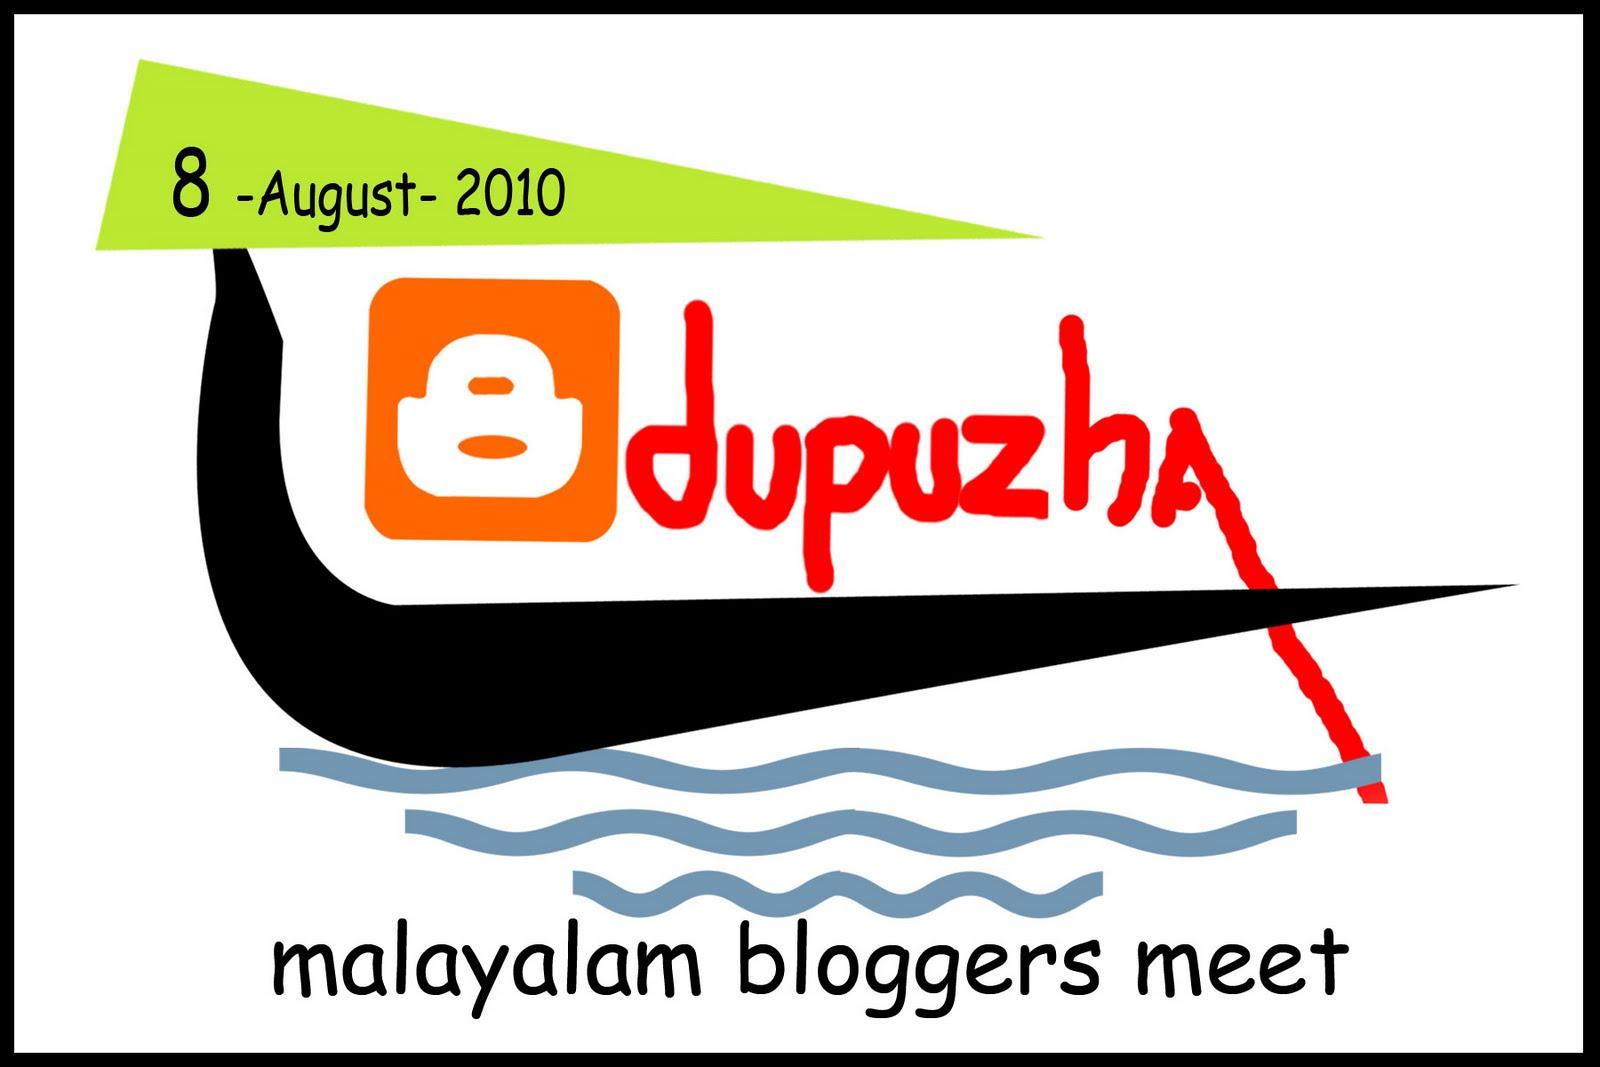 http://3.bp.blogspot.com/_Z0DVyvH9O7E/TA_HS5fKL7I/AAAAAAAAAWs/Oe_ukG2fik4/s1600/bloggers+meet.jpg